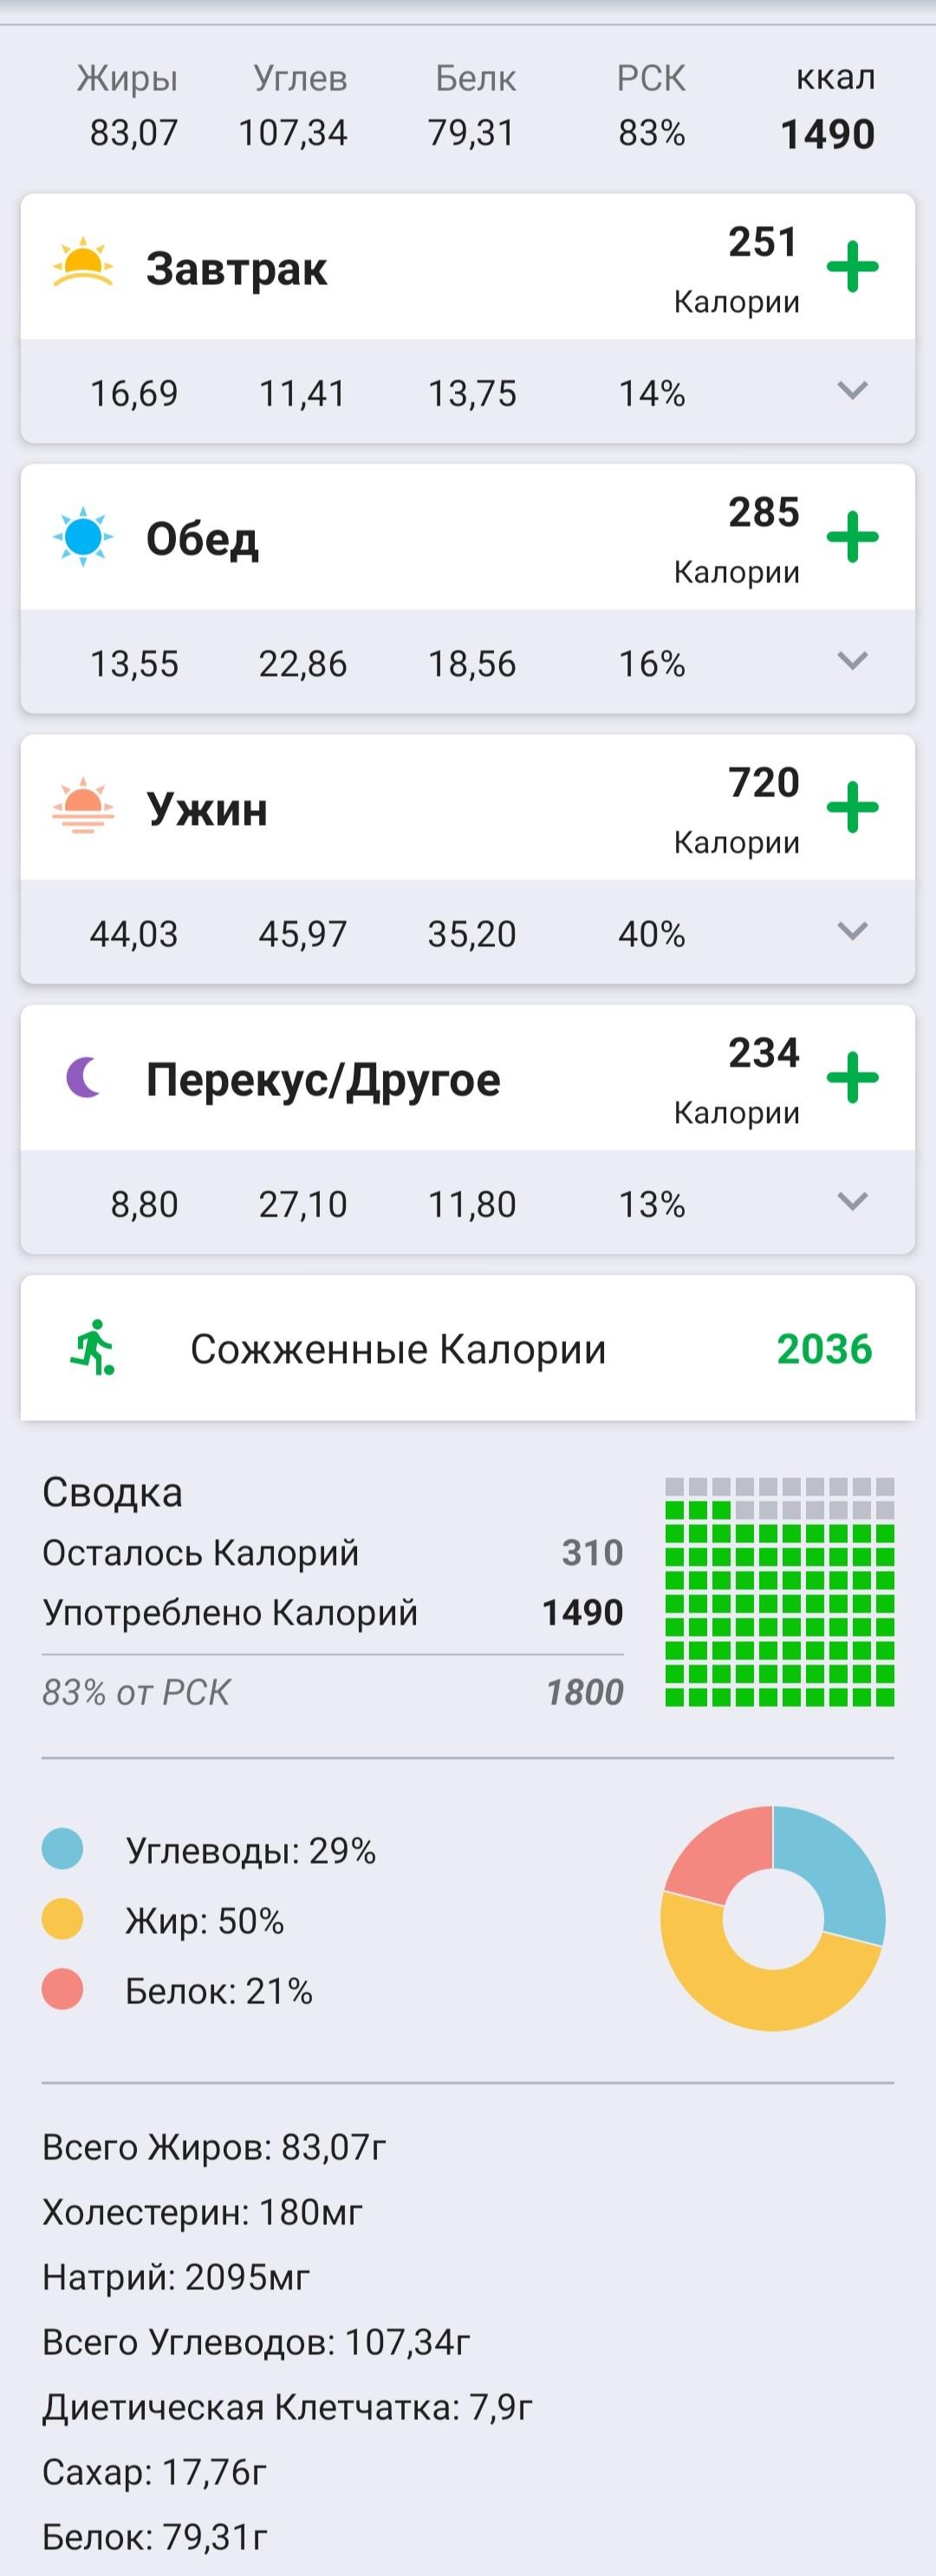 Screenshot_20210923-072205500_1.jpg